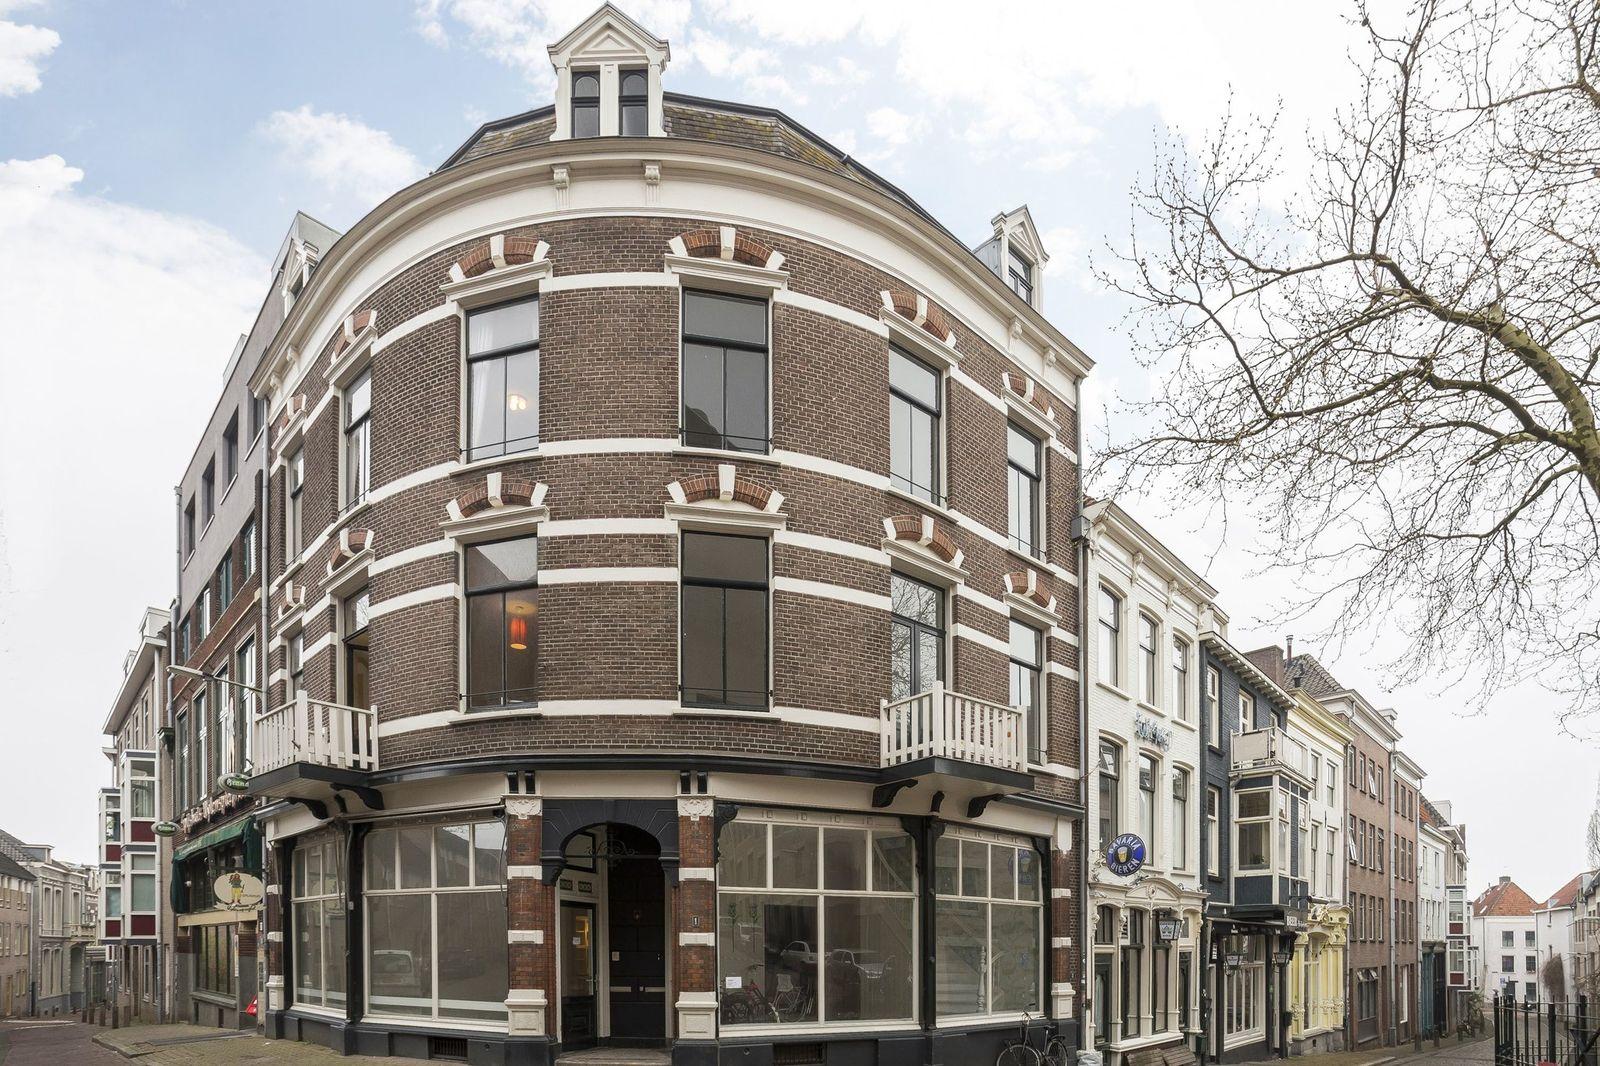 Priemstraat 1, Nijmegen